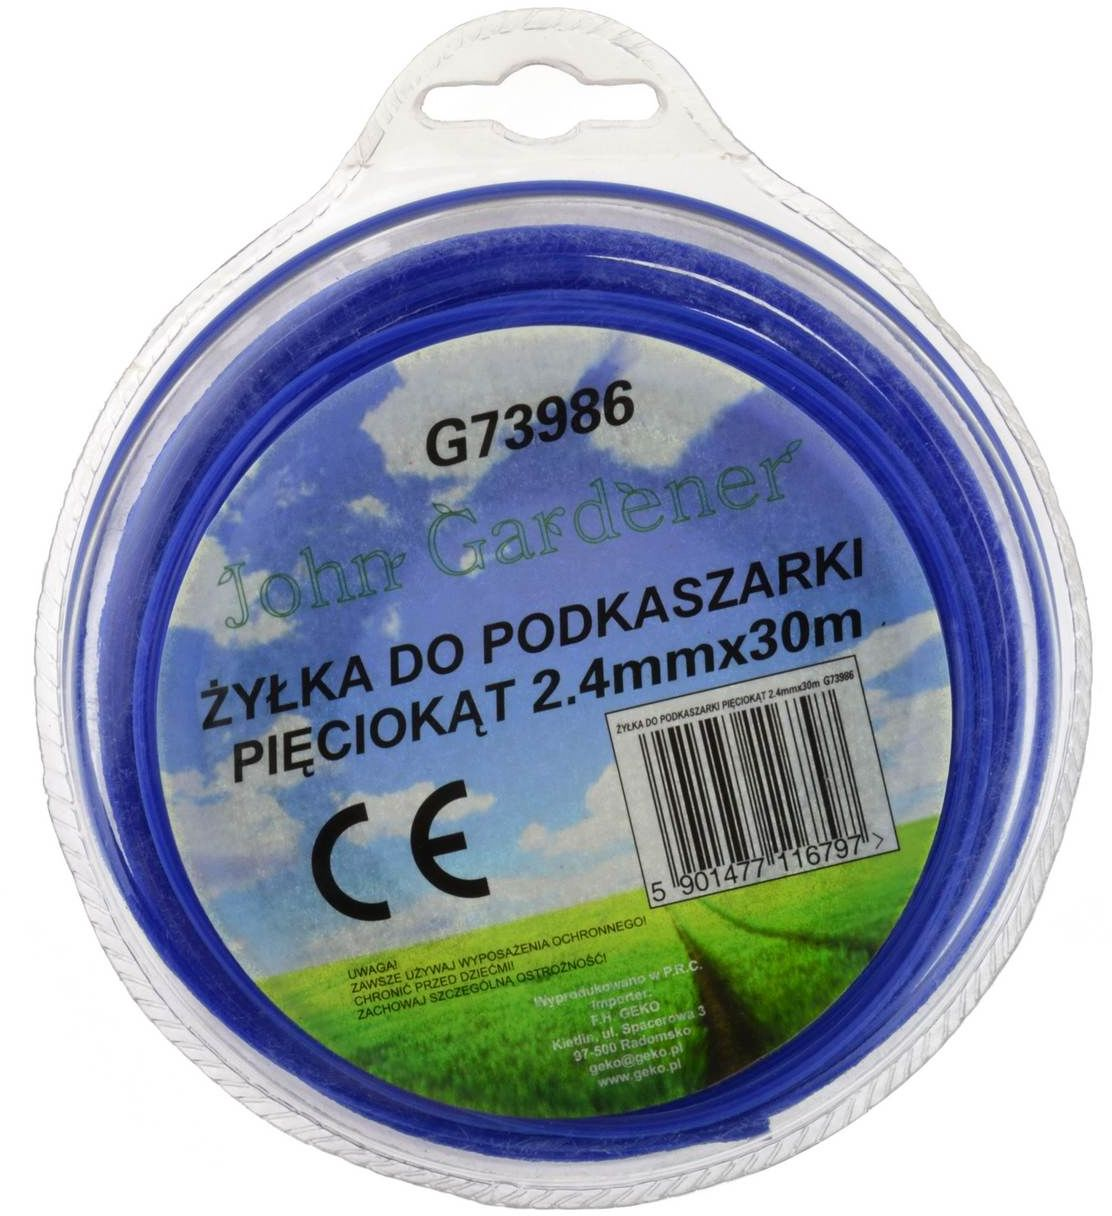 Żyłka do podkaszarki sześciokąt 2,4mmx30m (G73986)